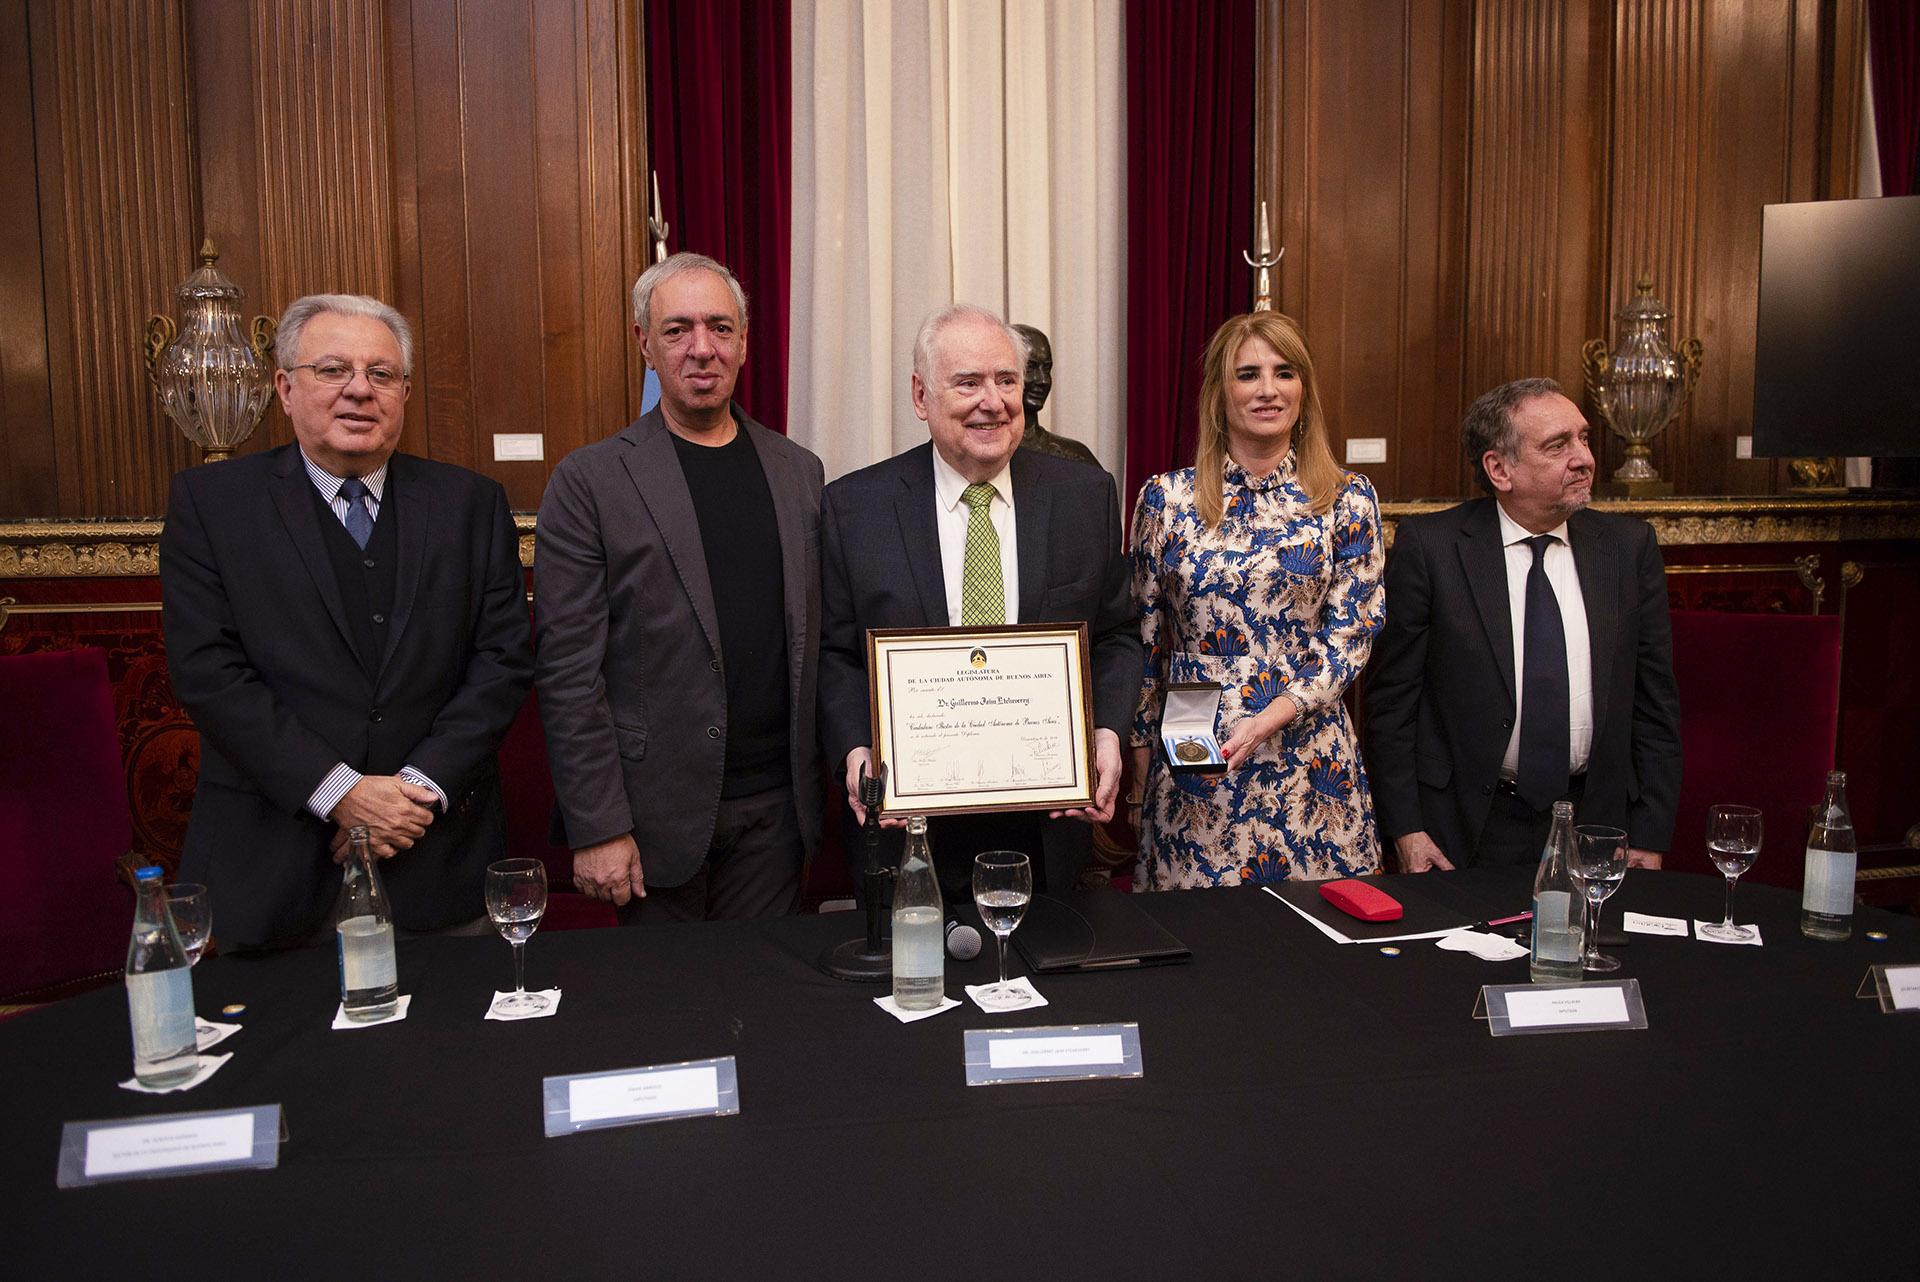 Alberto Barbieri, Omar Abboud, Guillermo Jaim Etcheverry, Paula Villalba y Lino Barañao